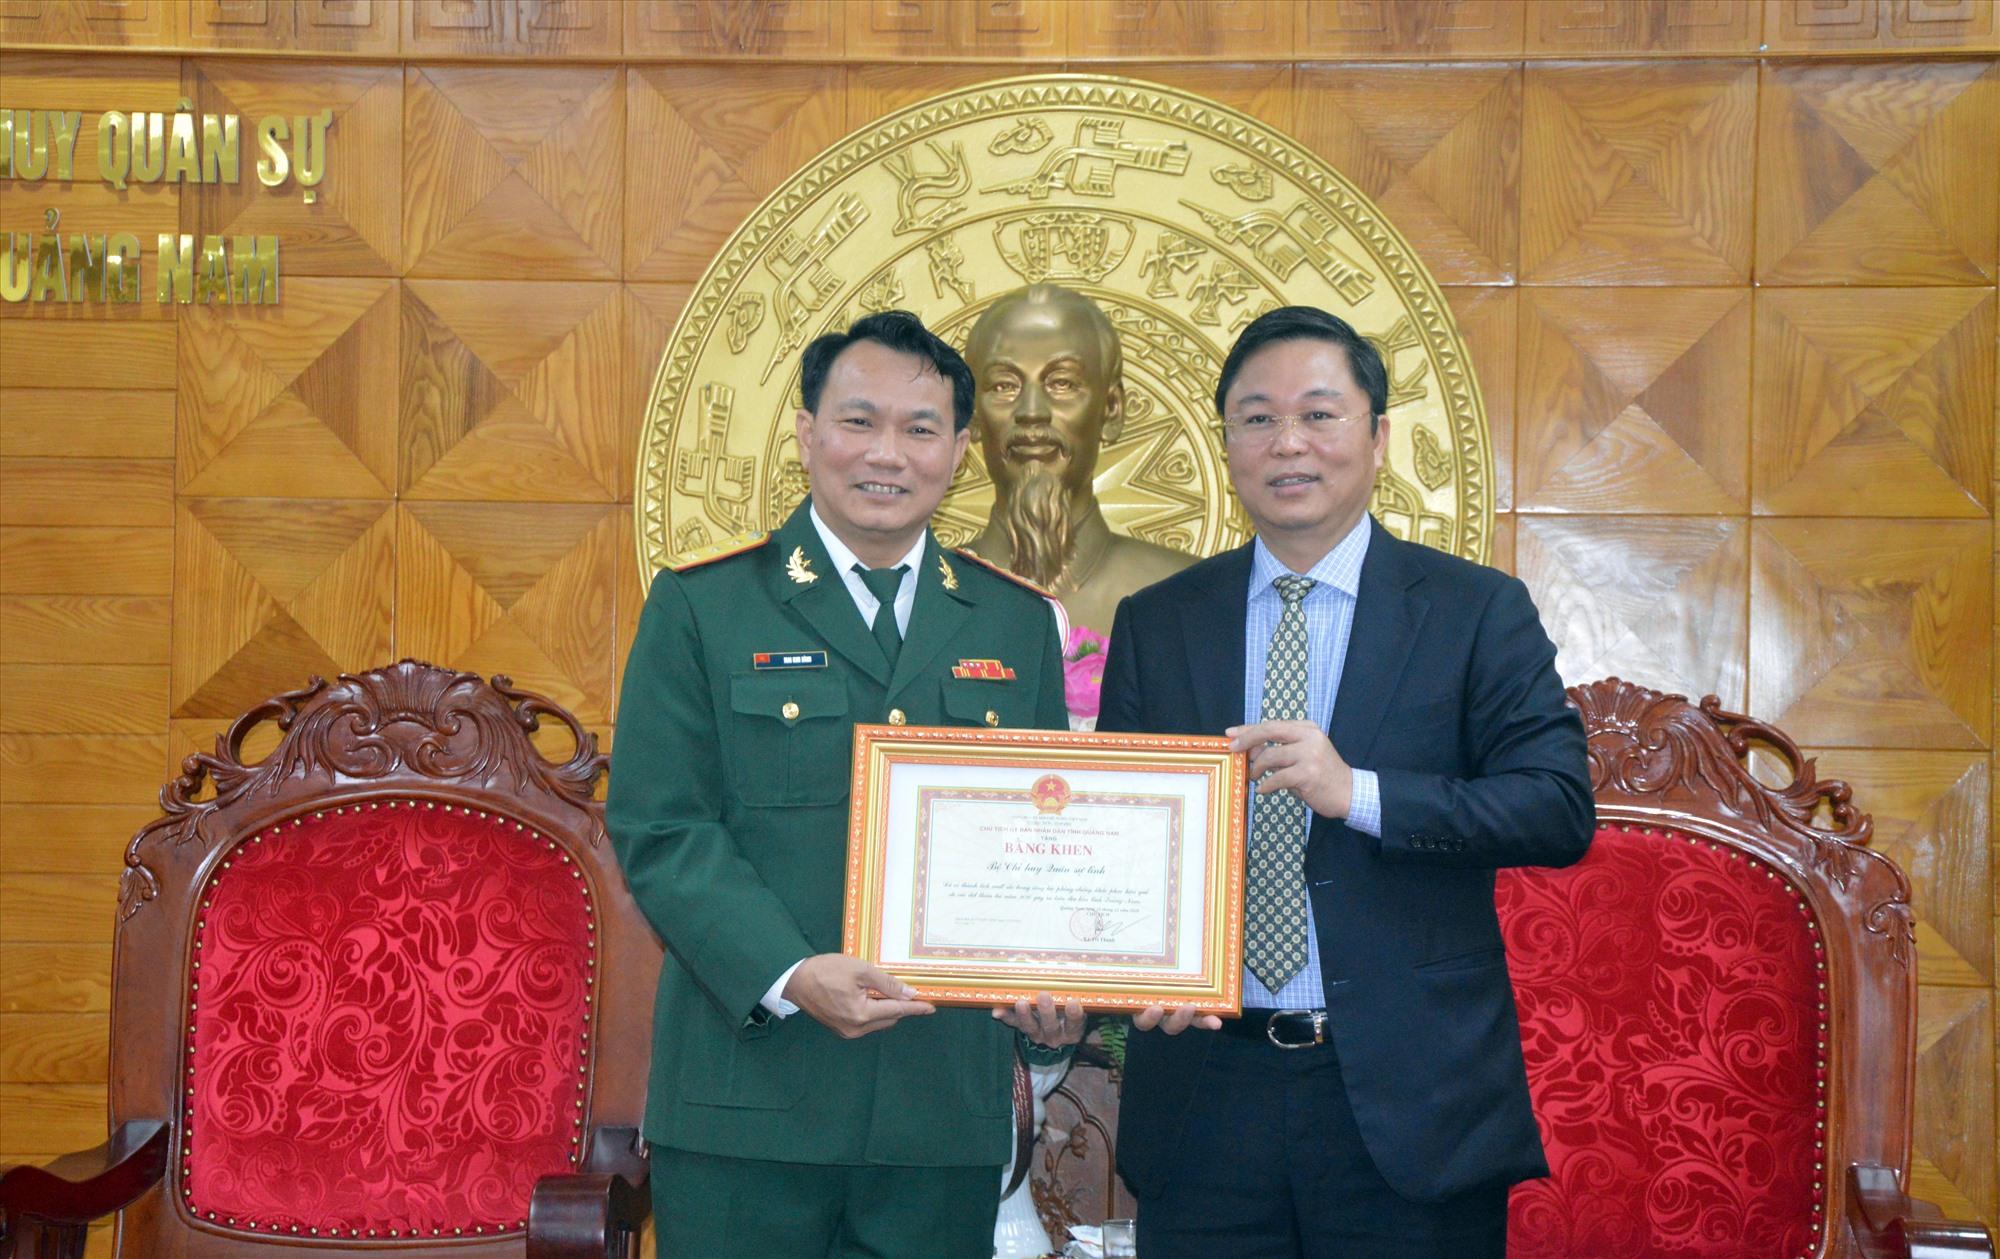 Chủ tịch UBND tỉnh Lê Trí Thanh trao Bằng khen của UBND tỉnh cho Bộ CHQS tỉnh vì có thành tích xuất sắc trong công tác phòng chống thiên tai, tìm kiếm cứu hộ, cứu nạn năm 2020.